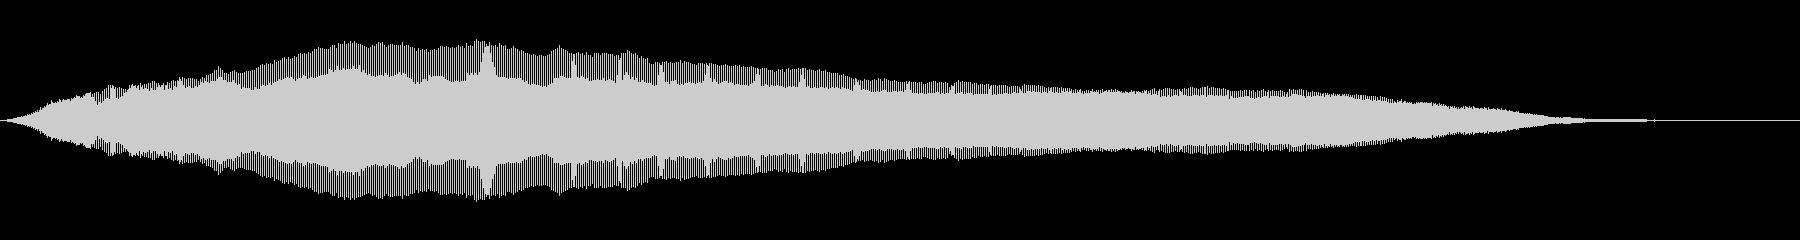 ニャーン 猫の鳴き声(甘え&長め)の未再生の波形